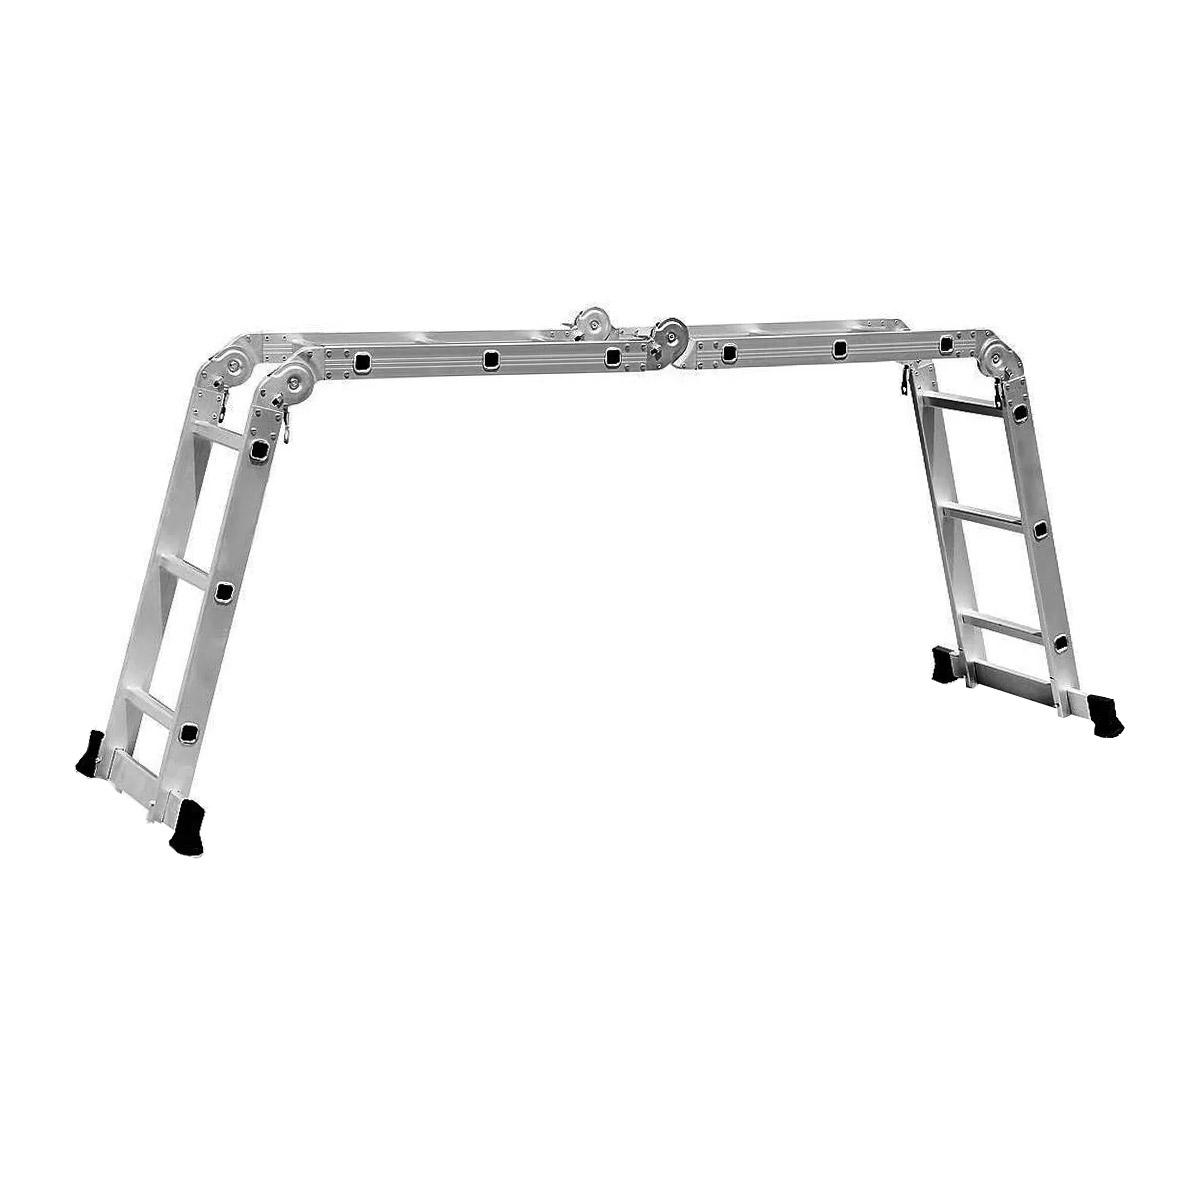 Escada com Plataforma 4x3 Alumínio 12 Degraus 3,26m Starfer